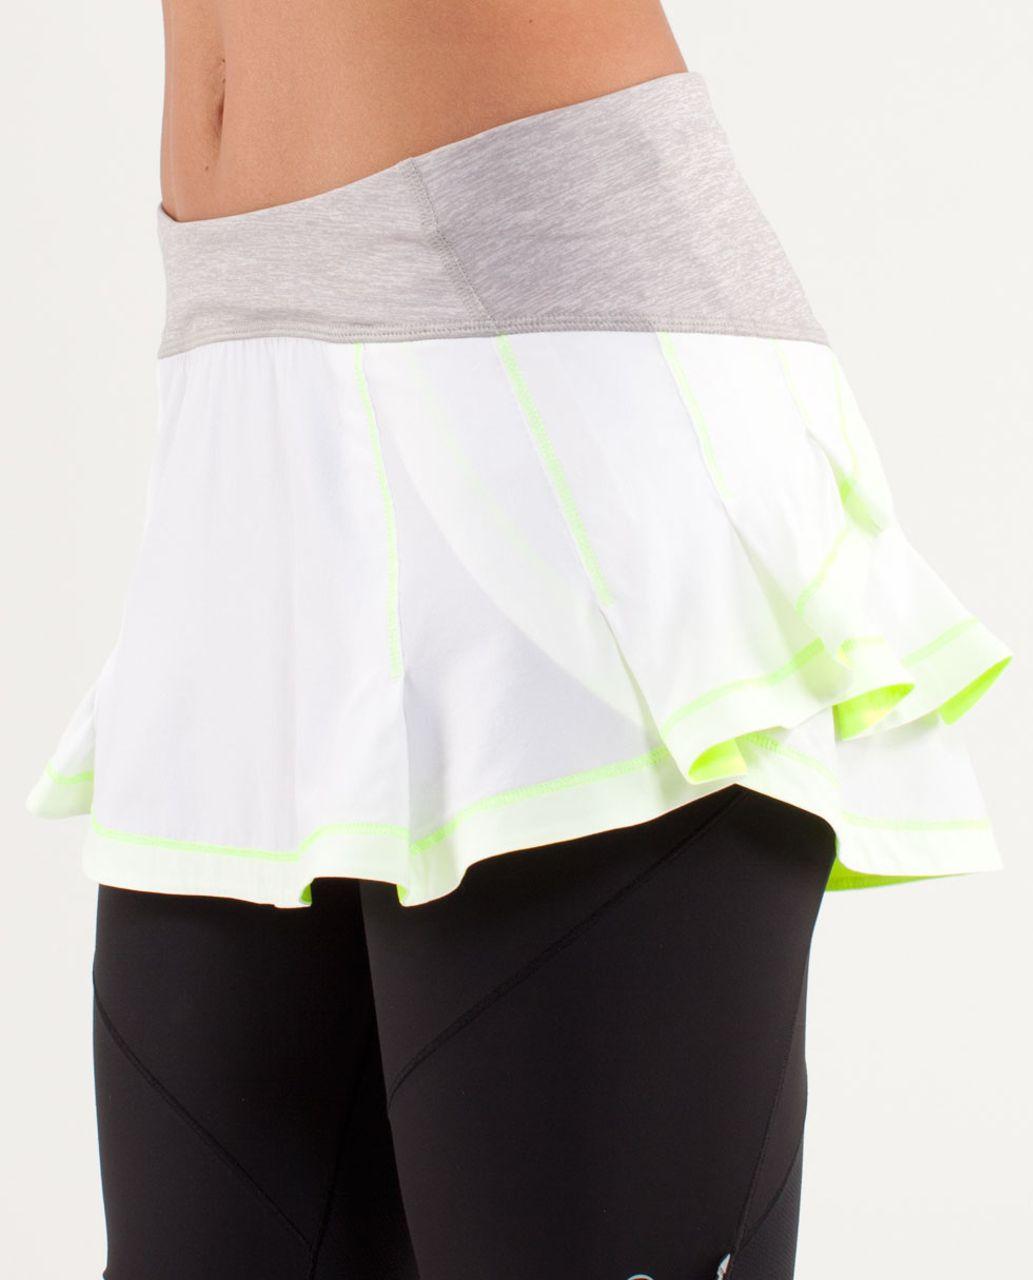 Lululemon Presta Skirt - White / Metallic Silver / Ray